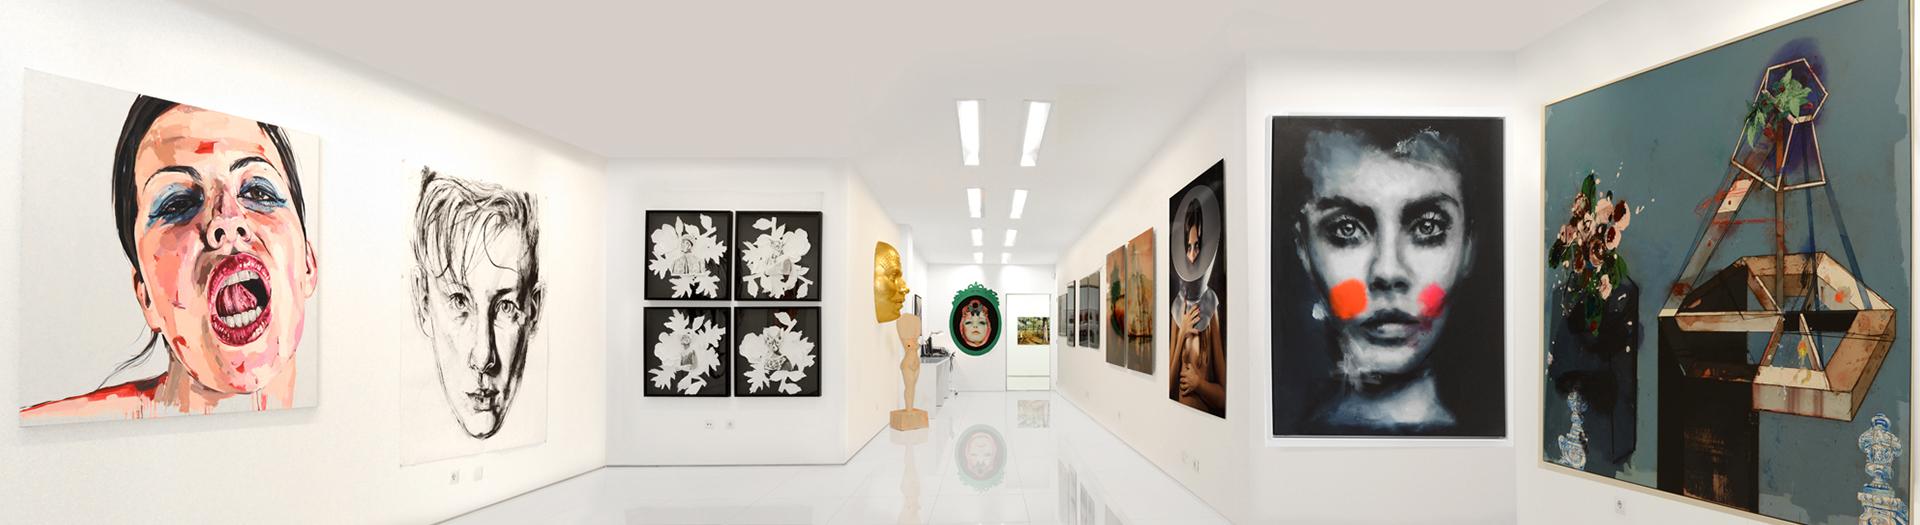 Galeria de arte file galeria de arte de caxias jpg - Galerista de arte ...